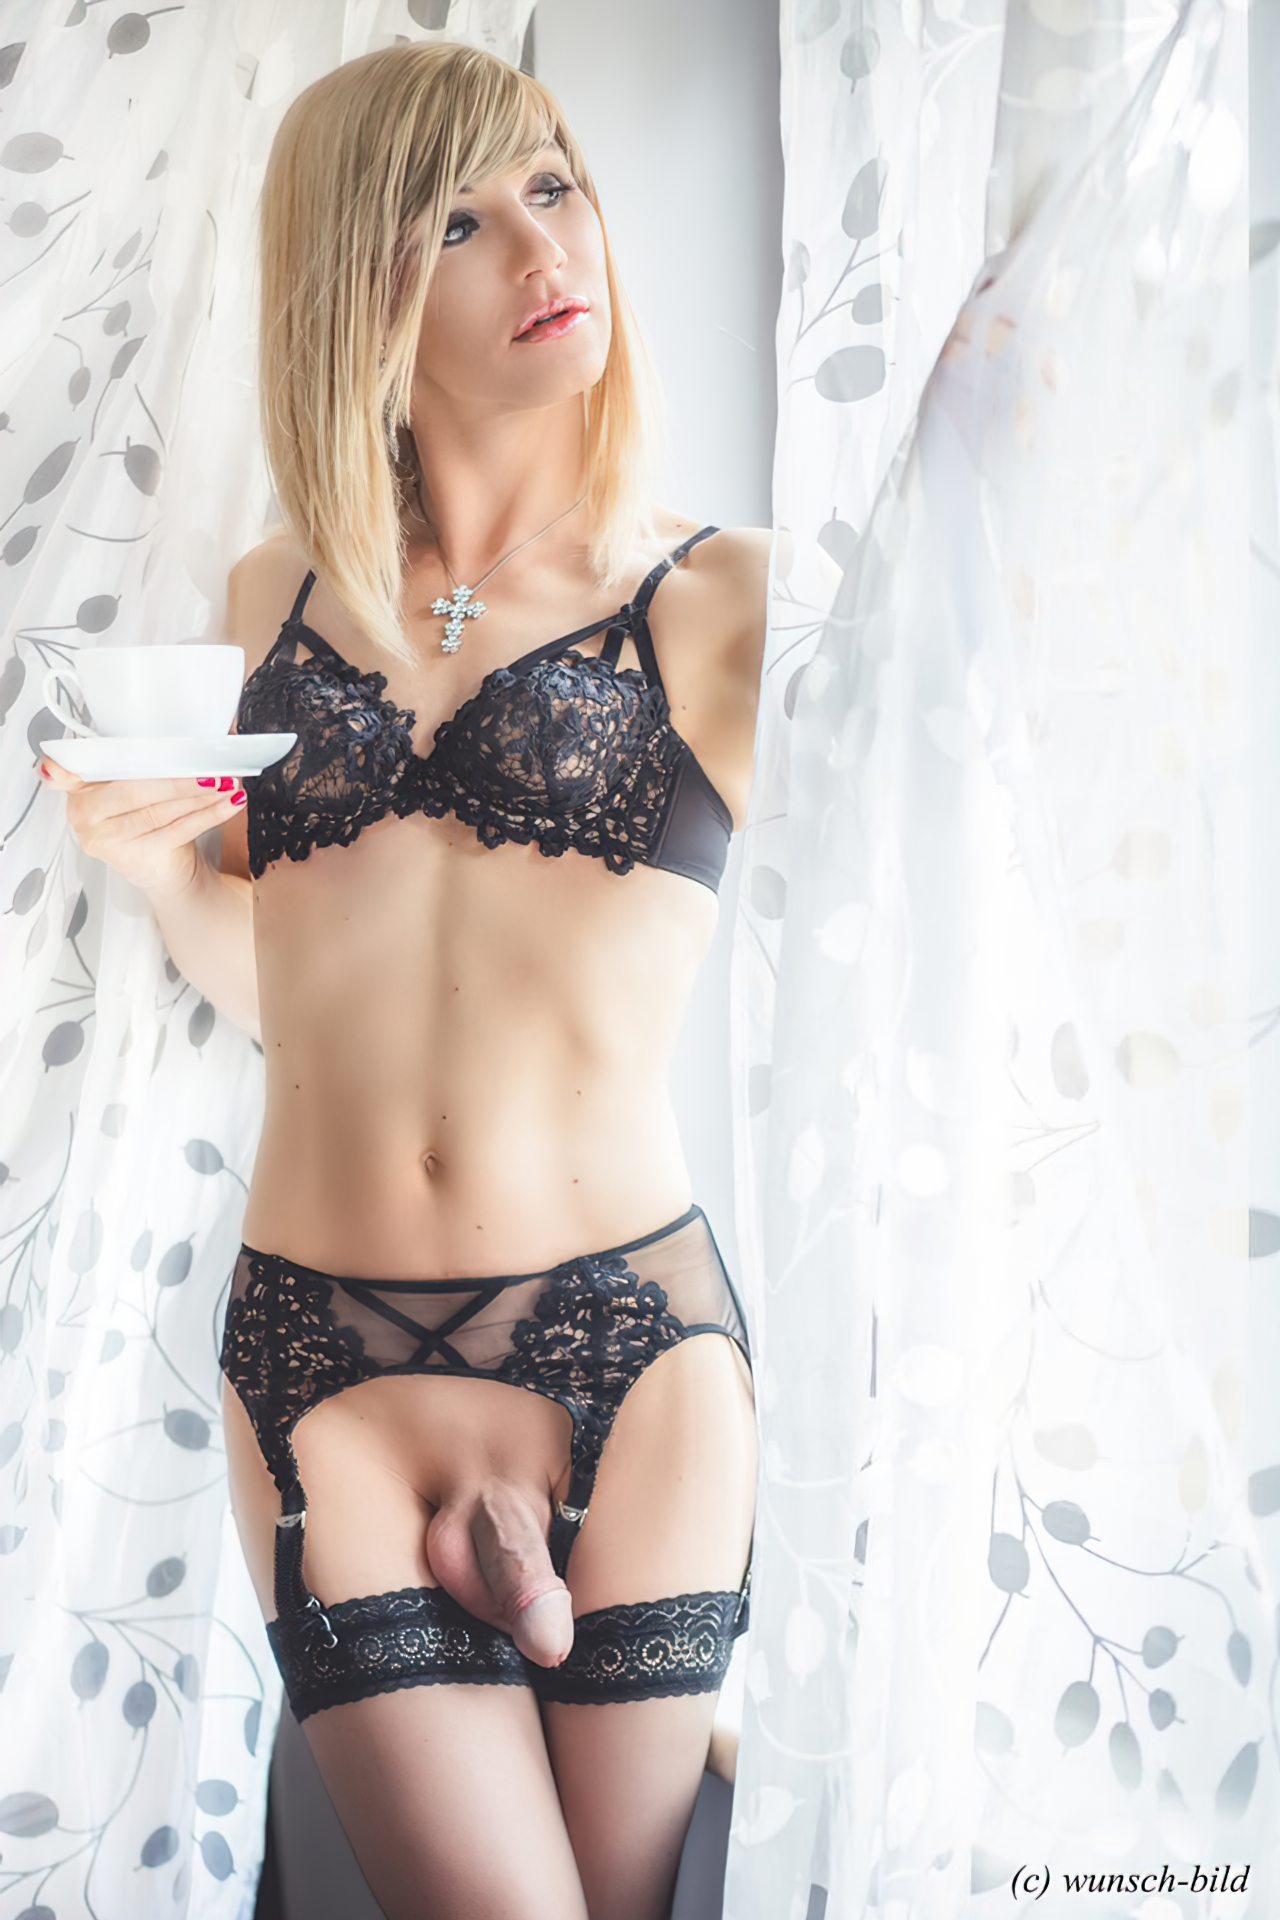 Fotos de Transsexuais (5)